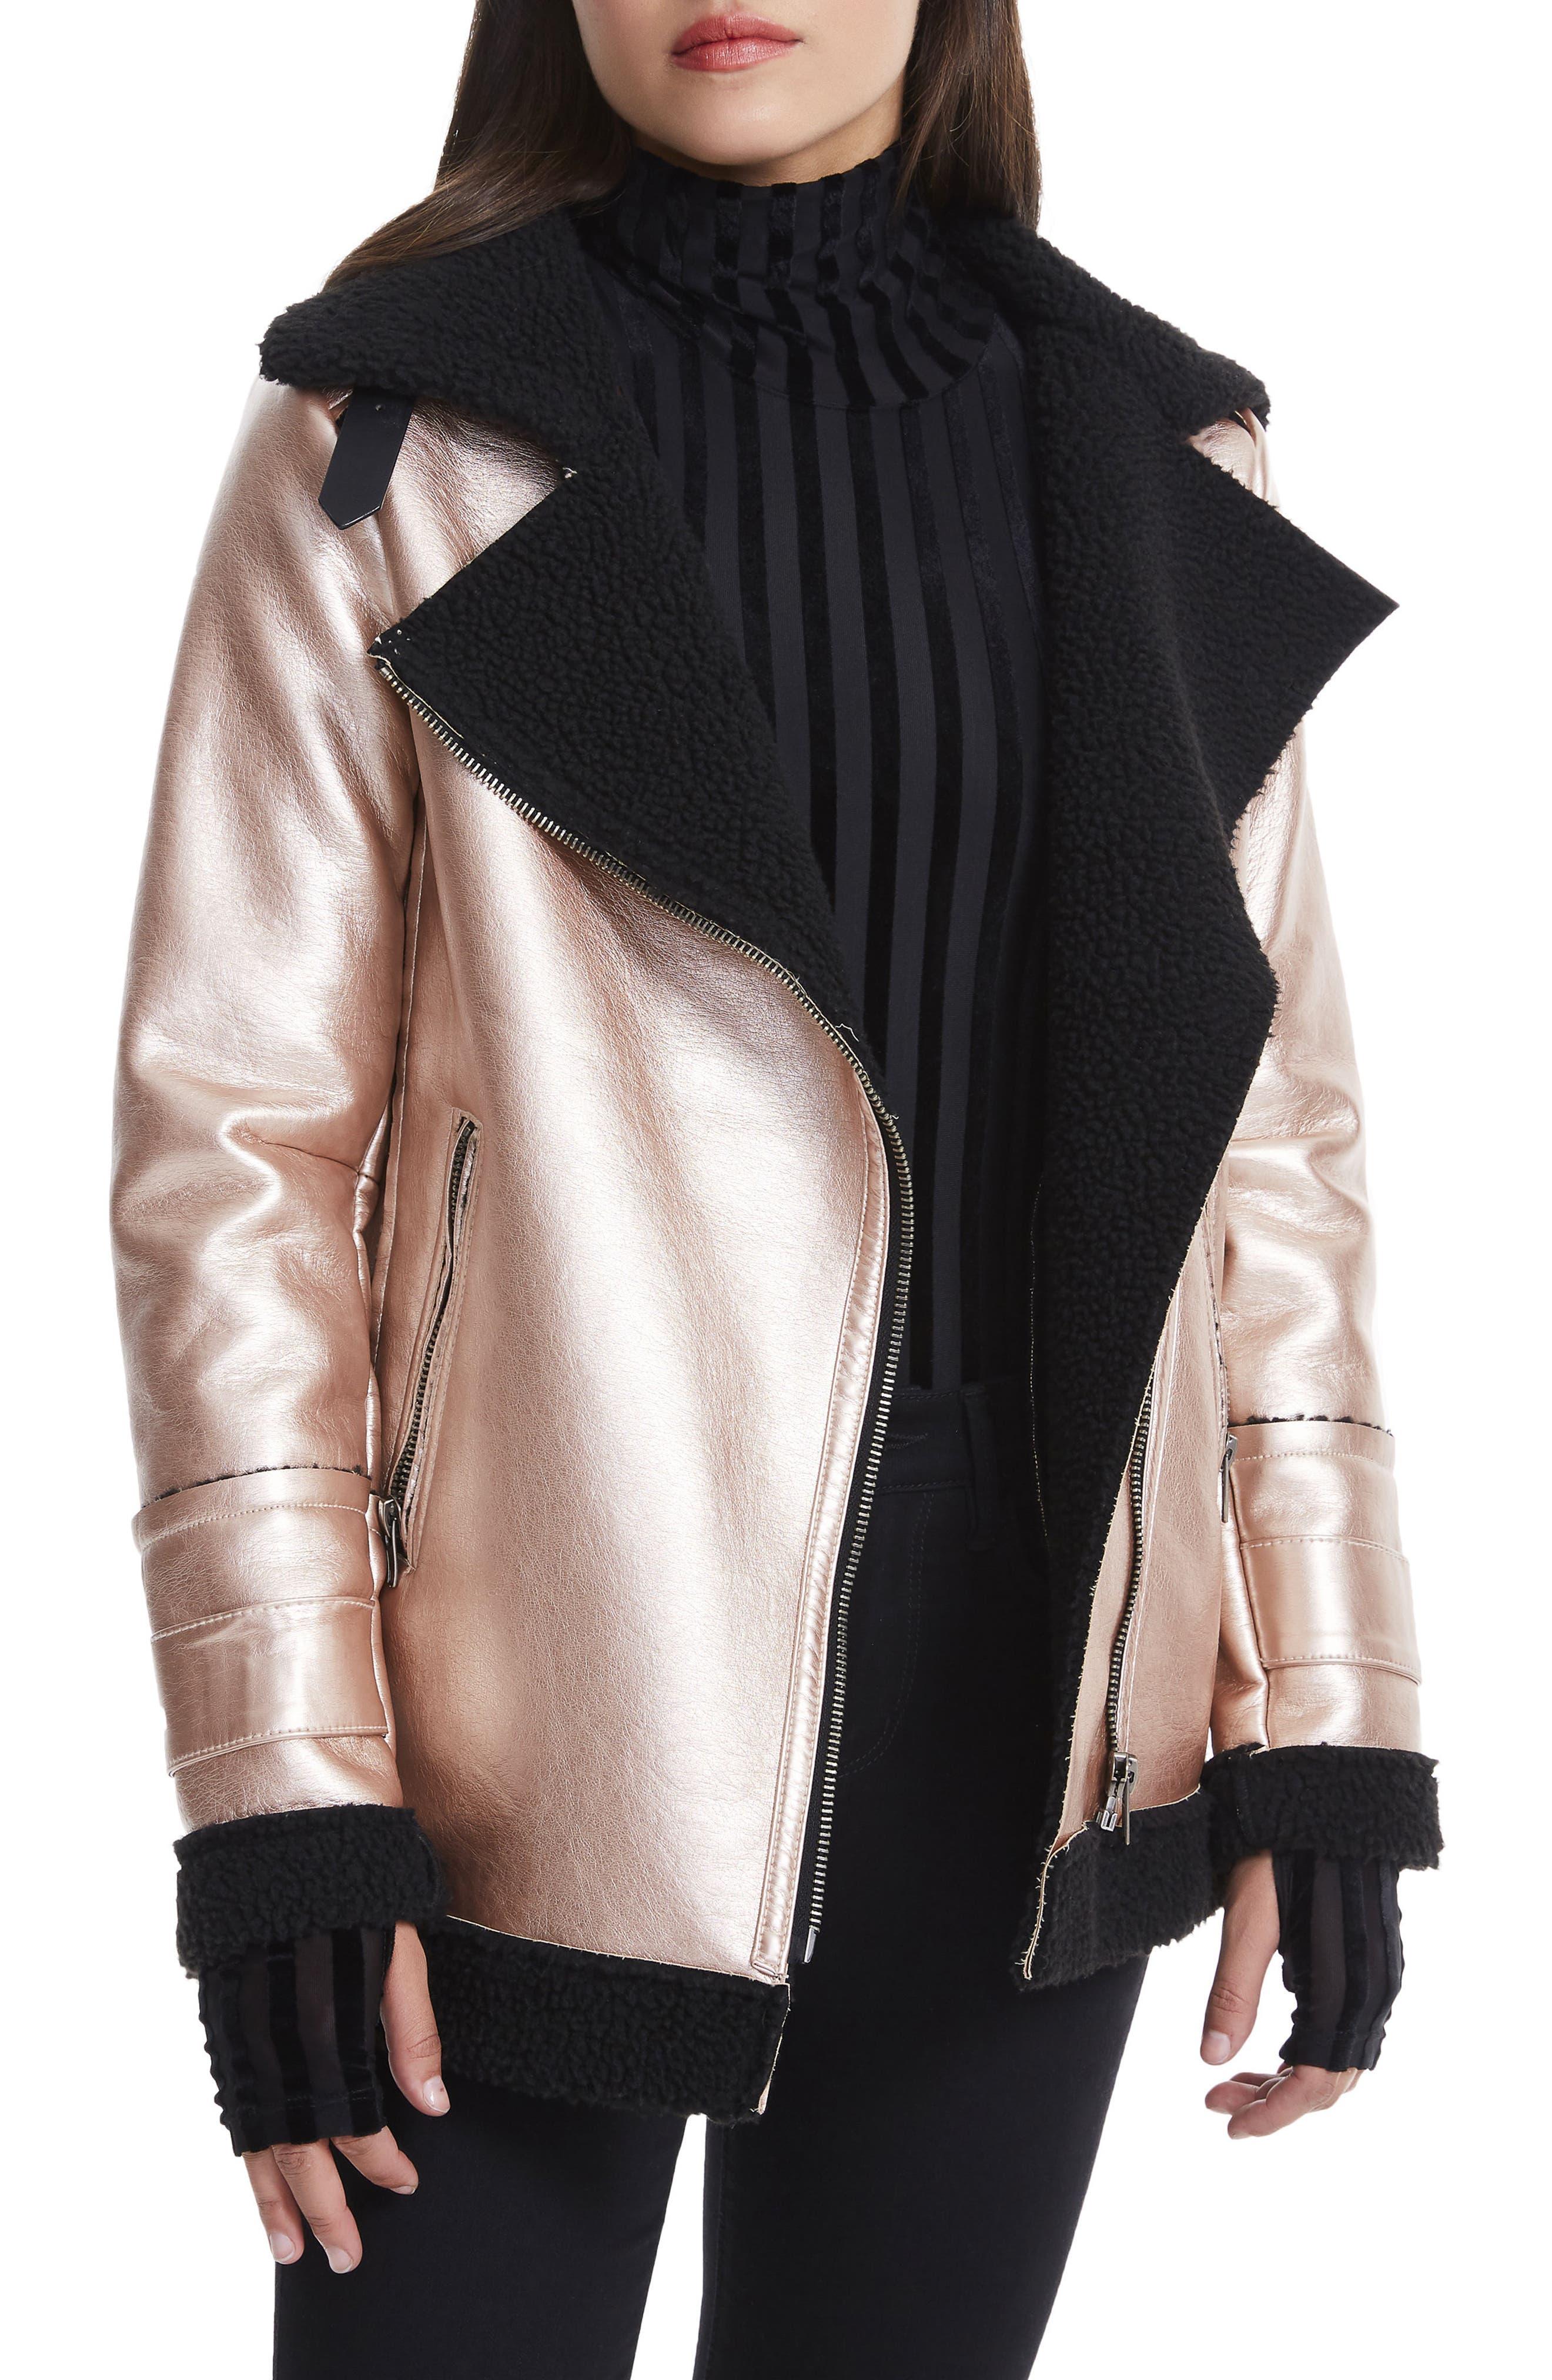 AFRM Ophelia Oversize Faux Shearling Jacket